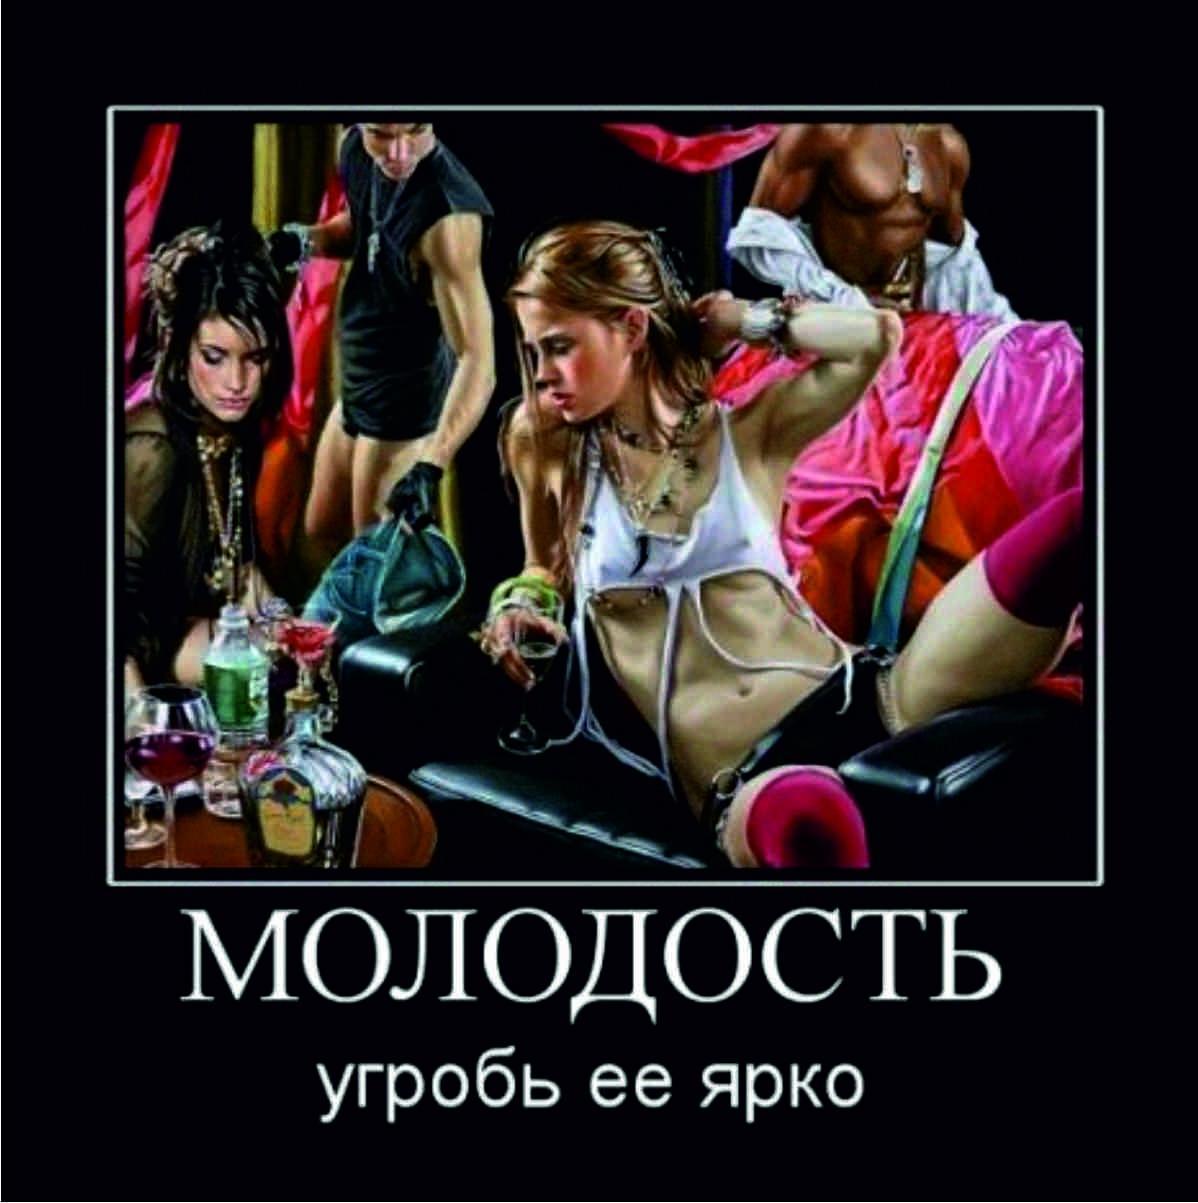 Кодирование от алкогольной зависимости город уфа